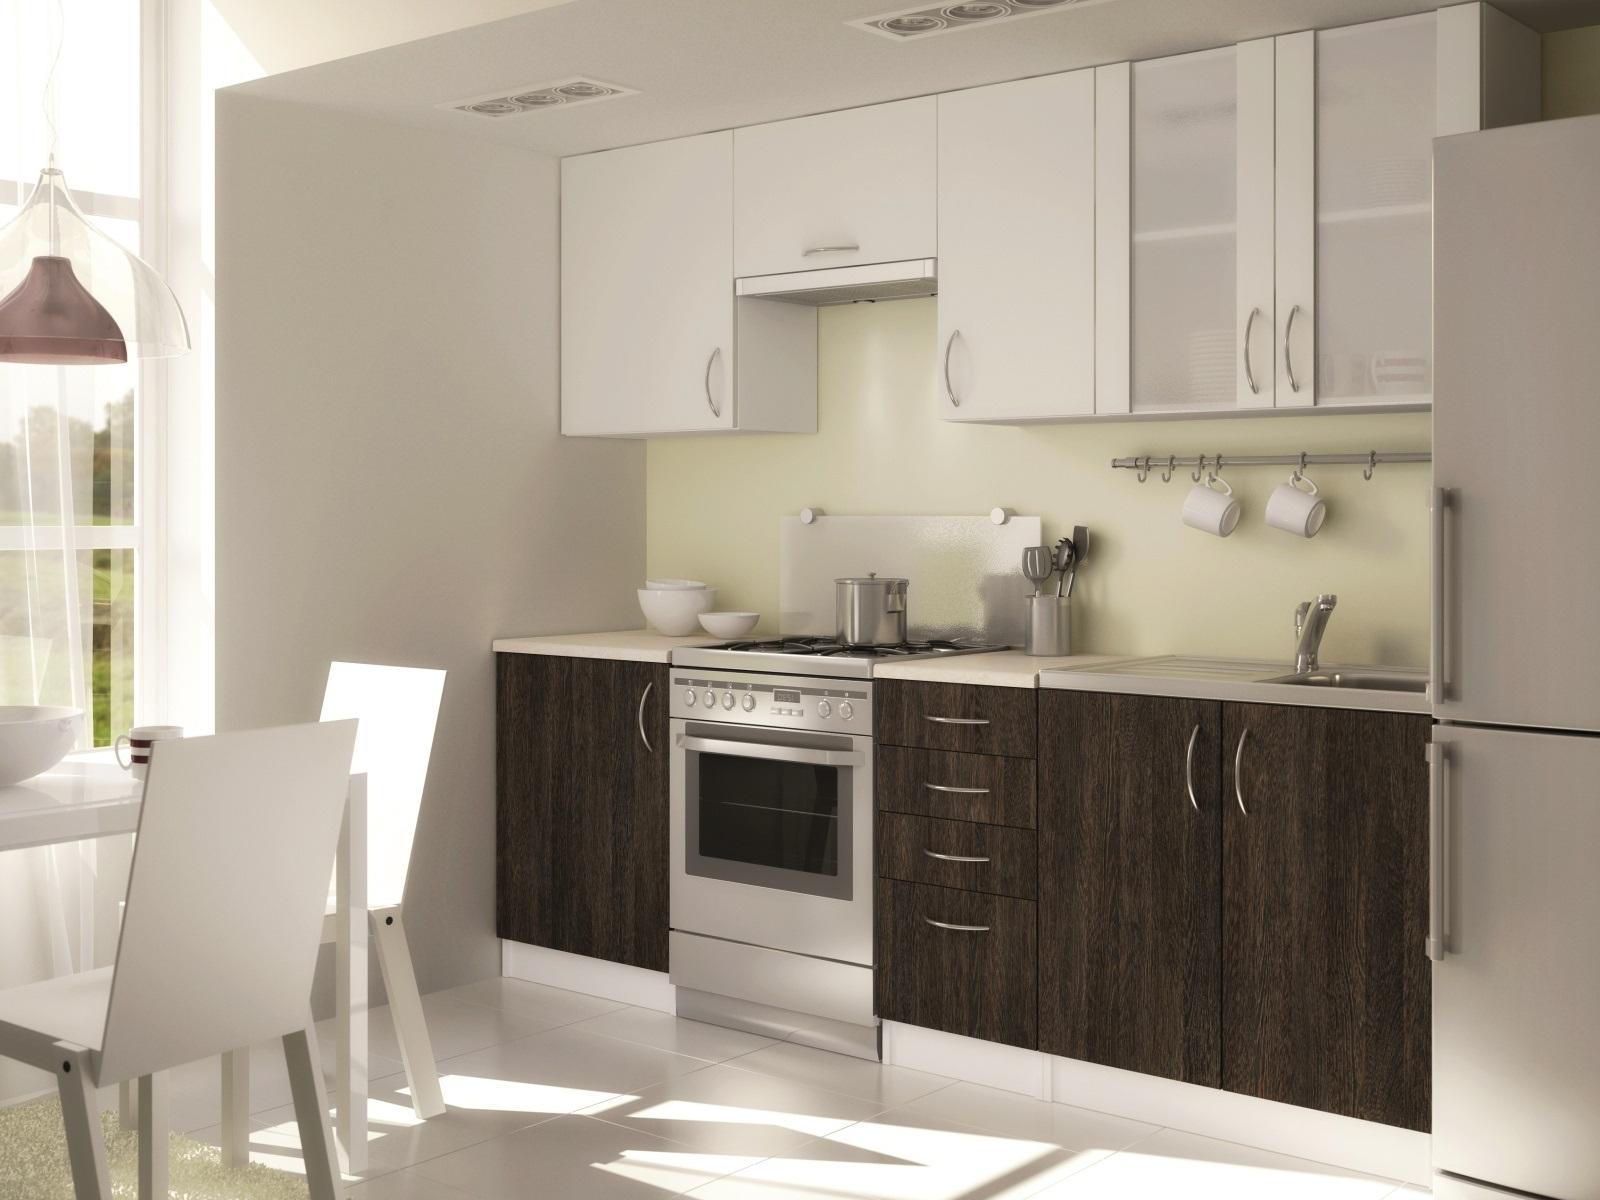 Smartshop Kuchyně KENYA 180/240 cm, wenge arusha 3D/alpská bílá